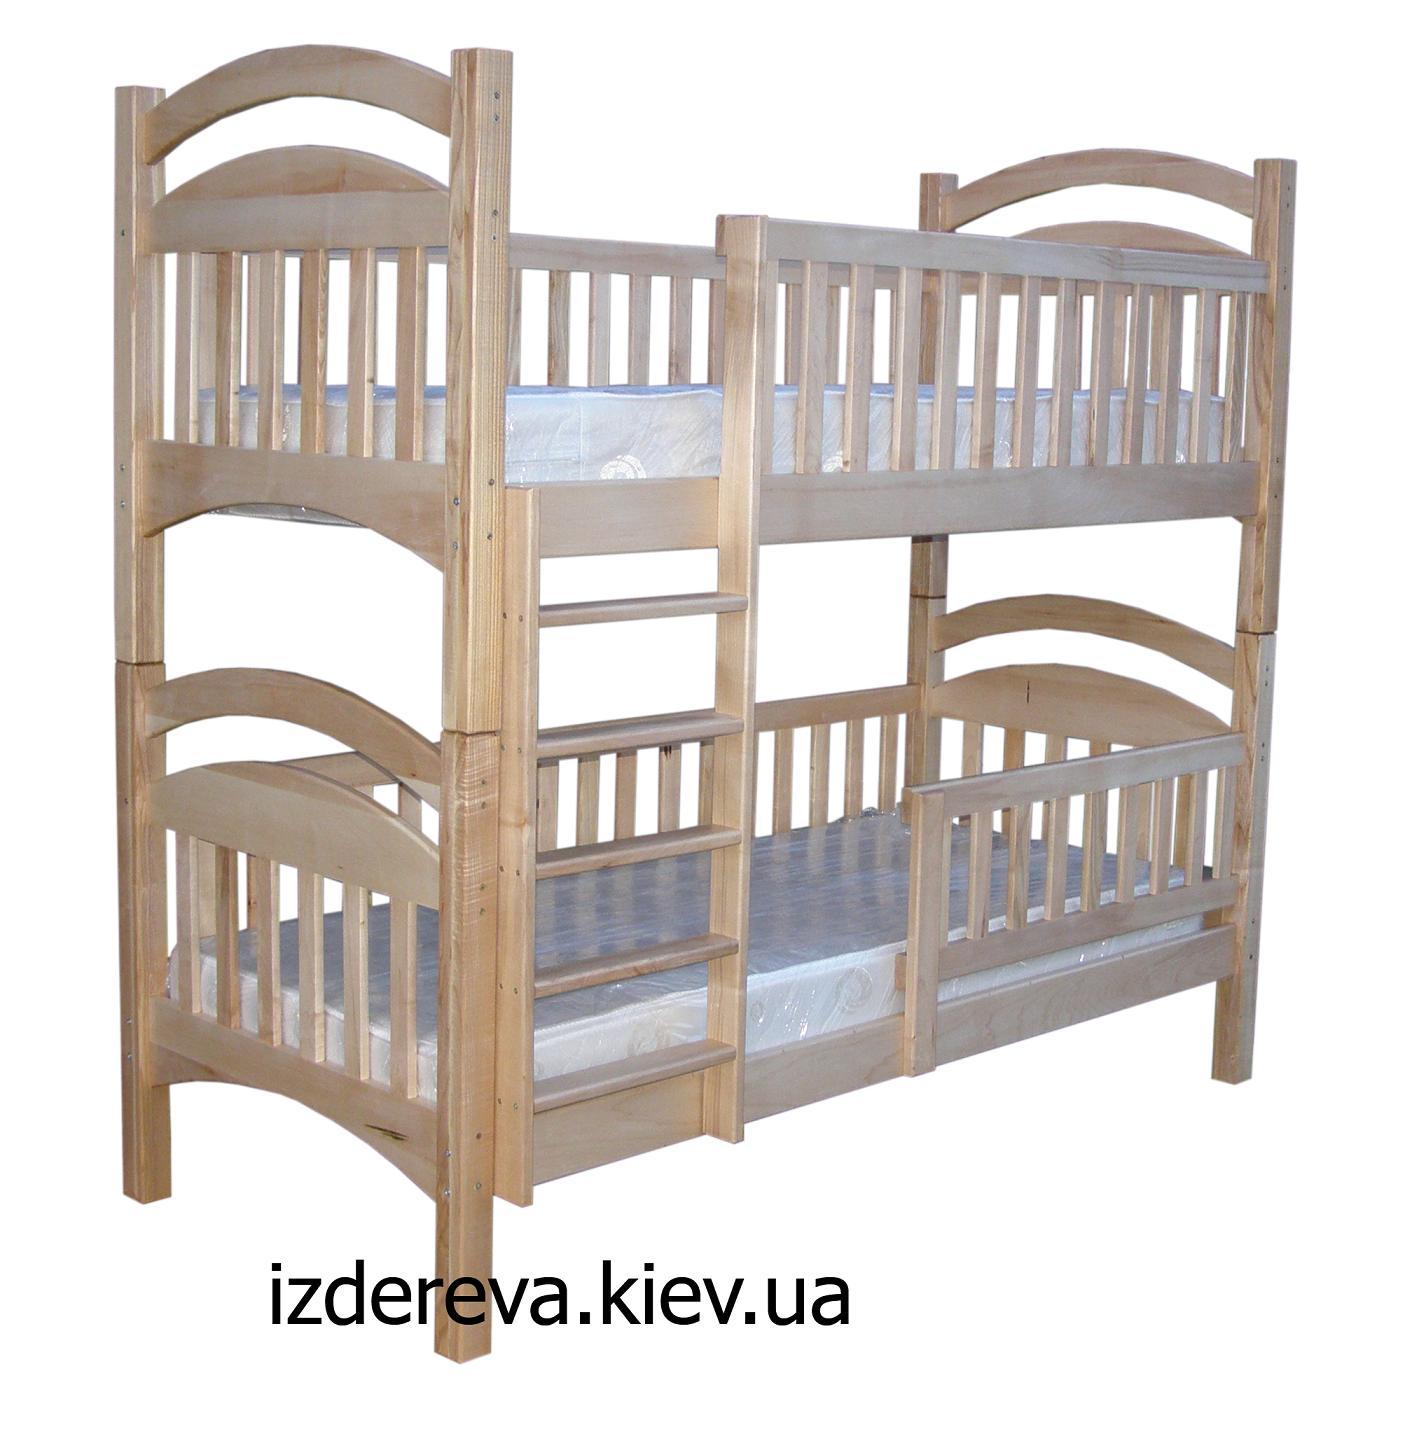 Купить двухъярусную кровать в Киеве недорого